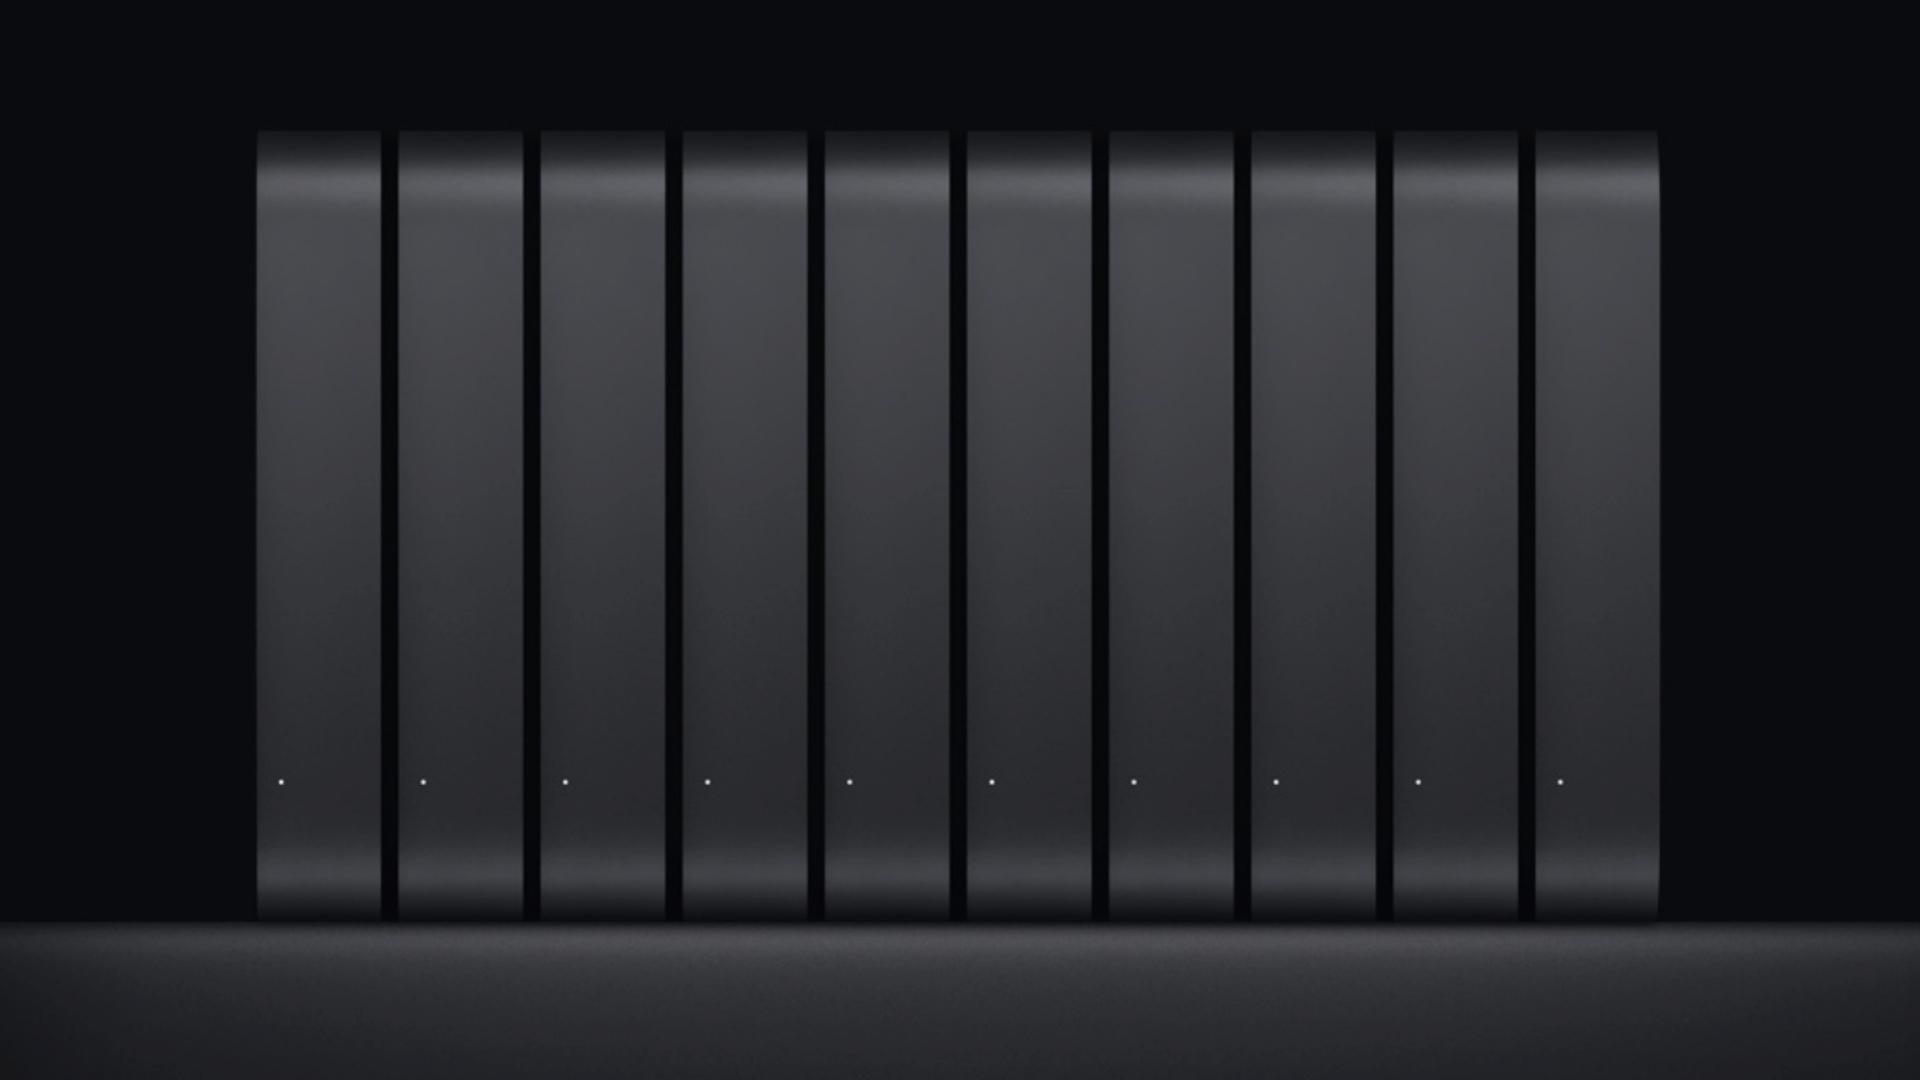 apple-mac-mini-rack-header